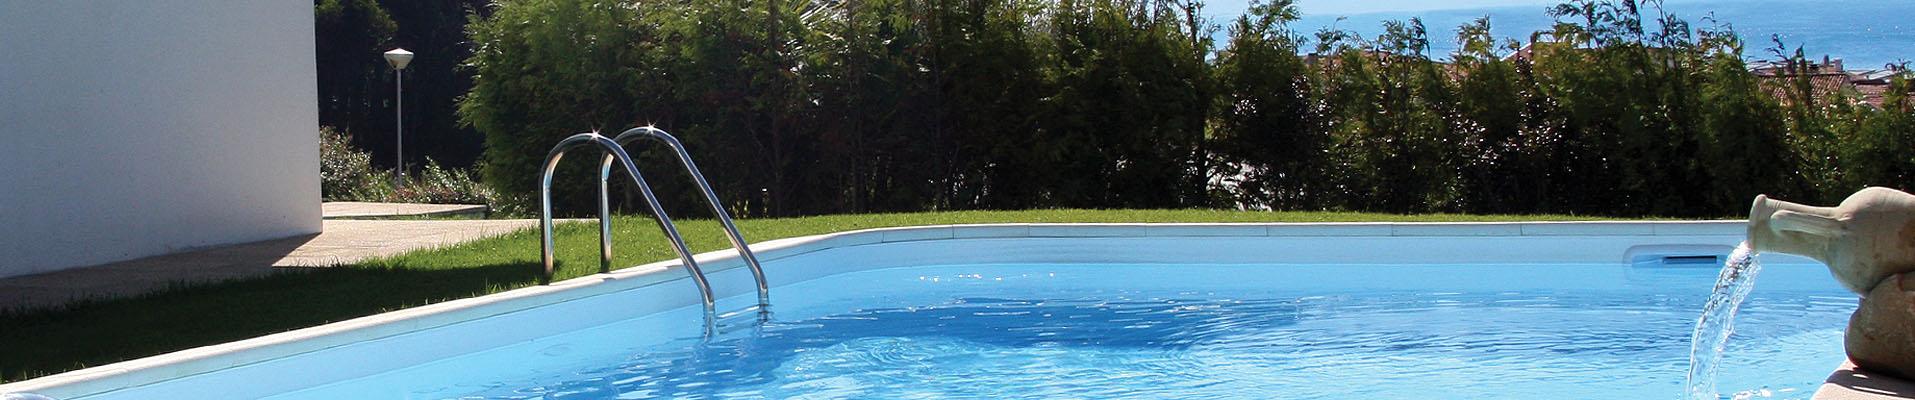 Tratamento de piscinas LINOV